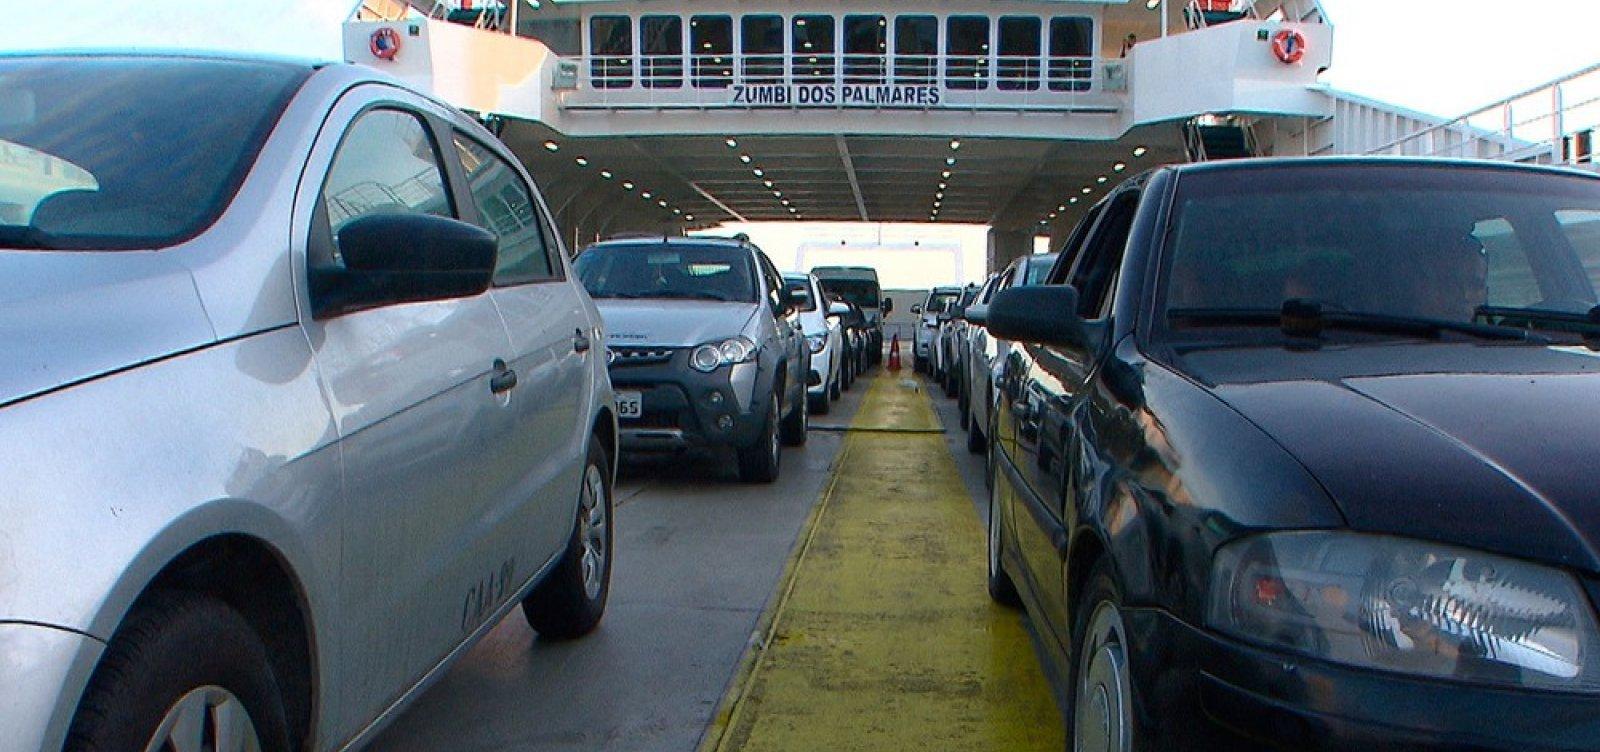 [Ferry-Boat: duas embarcações não funcionarão na Semana Santa ]